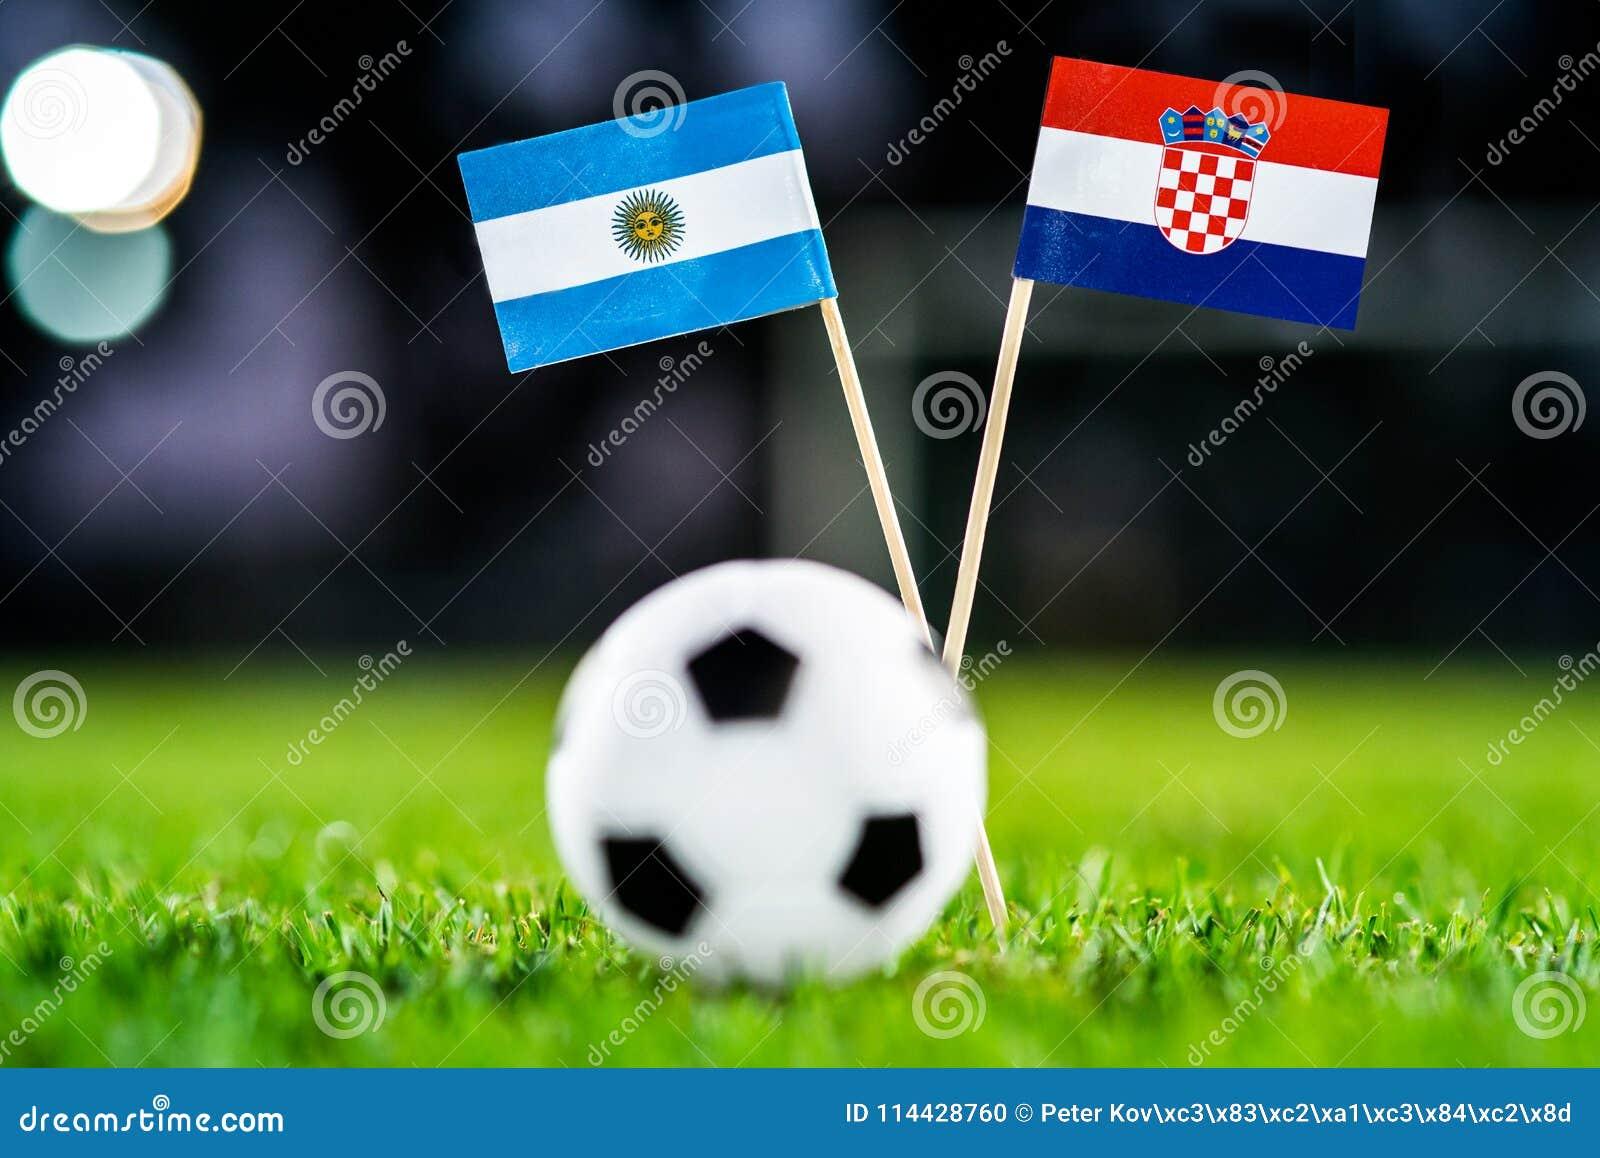 Αργεντινή - Κροατία, ομάδα Δ, Πέμπτη, 21 Ποδόσφαιρο Ιουνίου, Worl